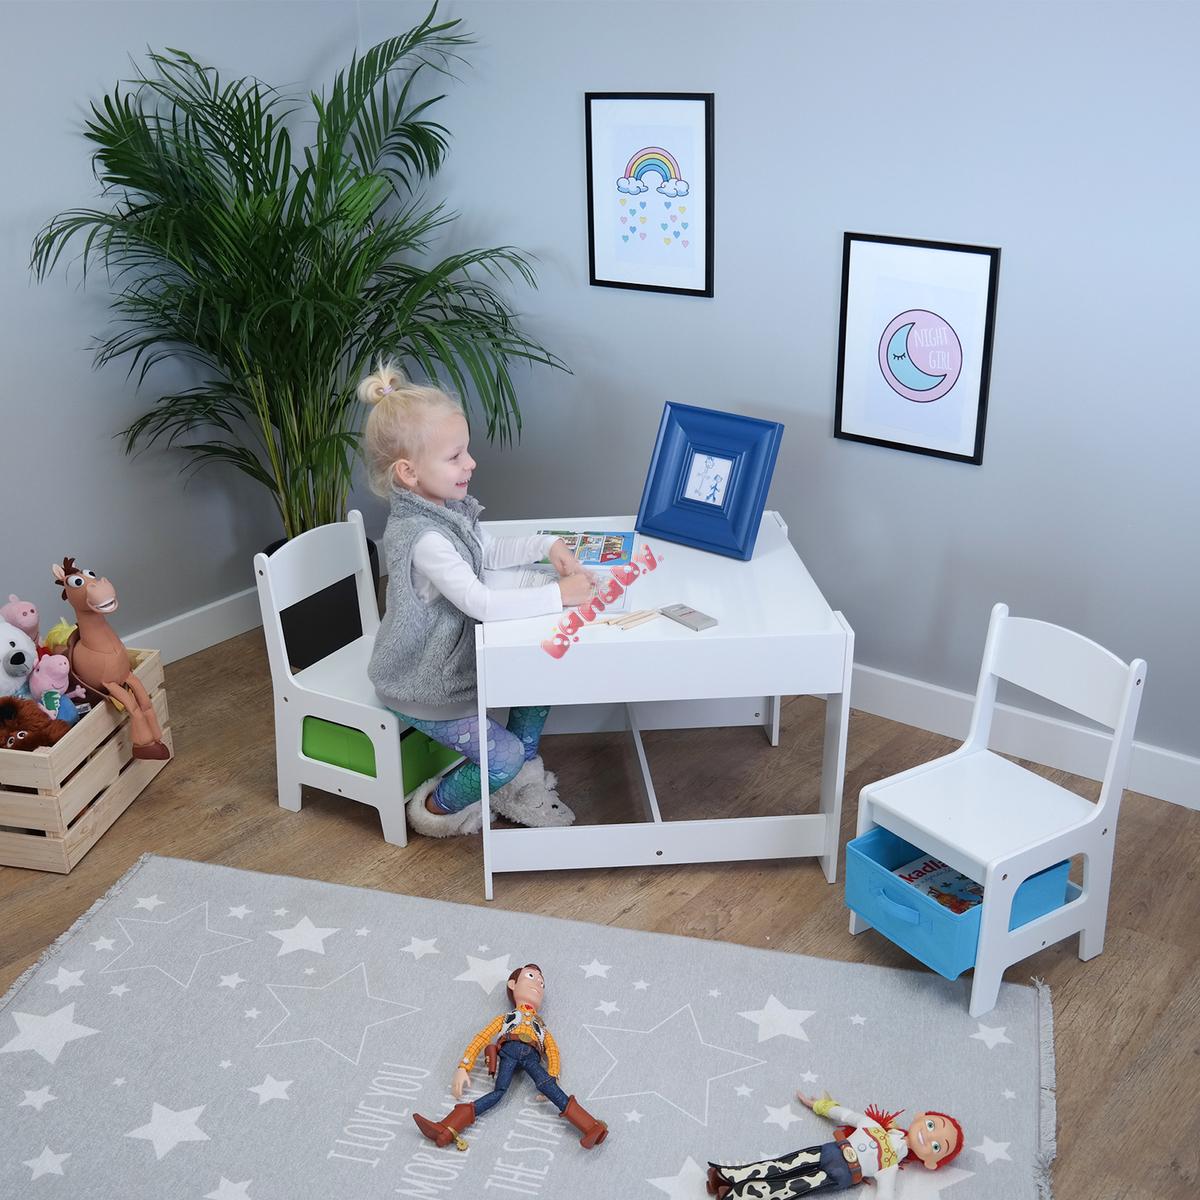 c79ccde52756 Ourbaby detský stôl so stoličkami s modrým a zeleným boxom - banaby.sk